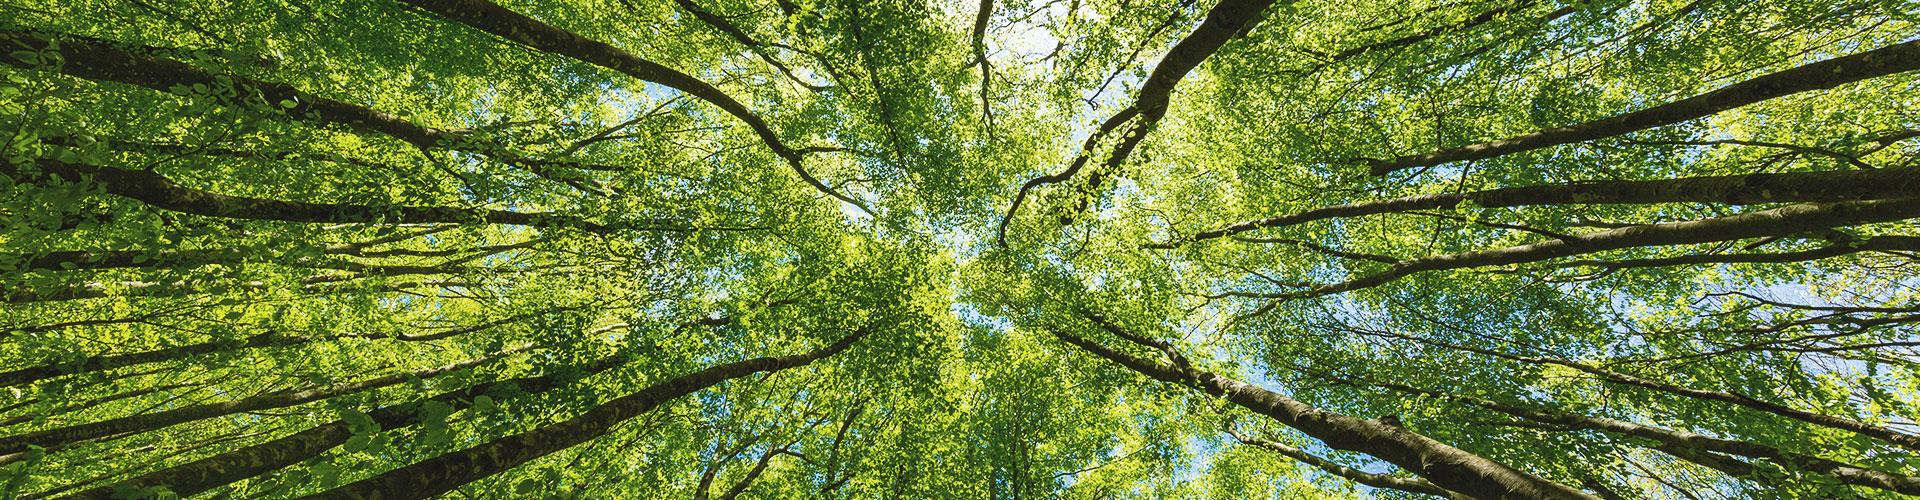 Ein Laubwald, aufgenommen aus der Froschperspektive